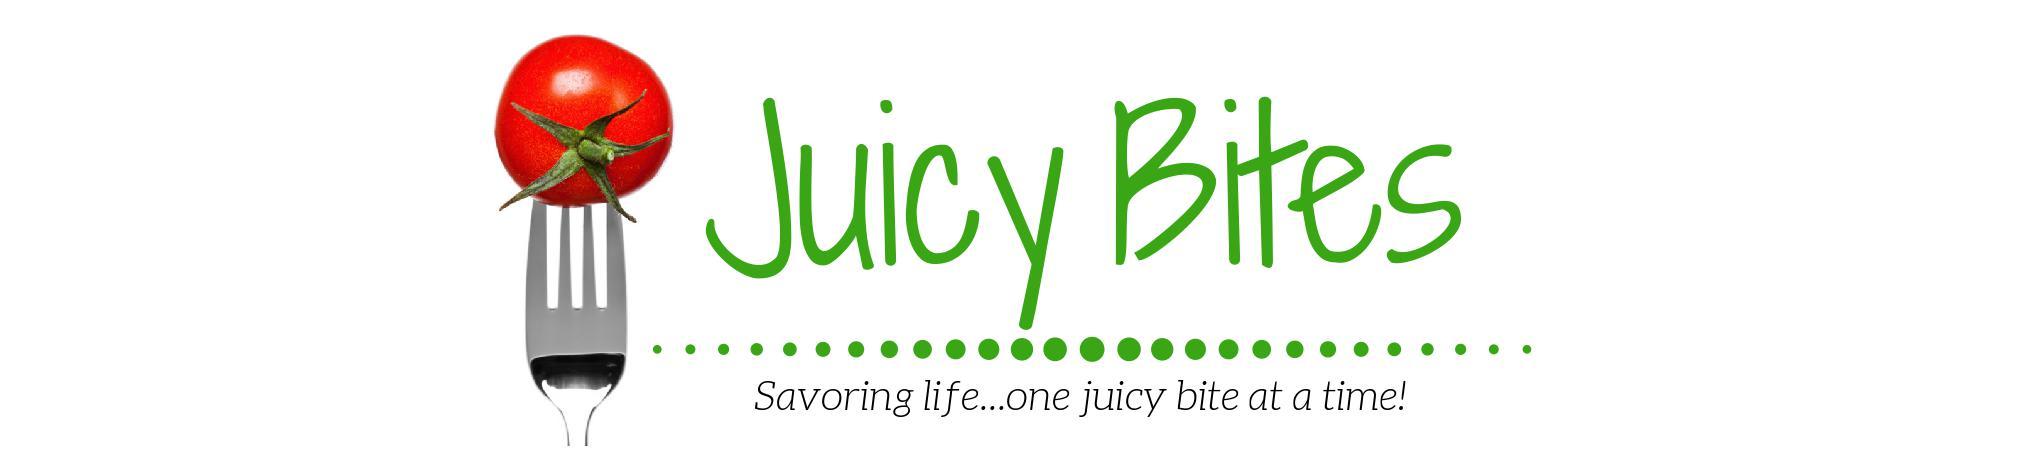 JuicyBites